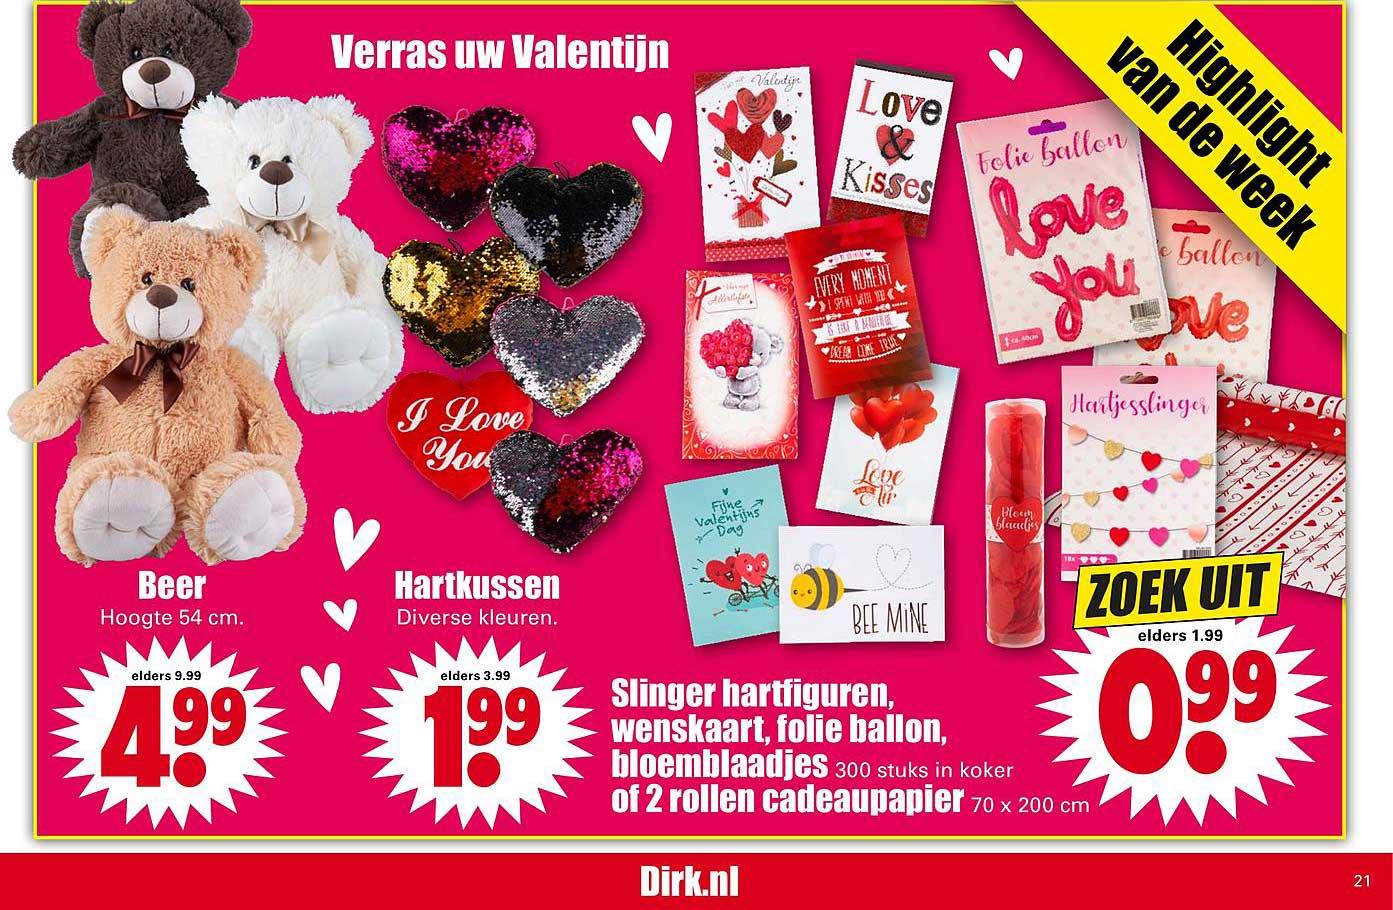 Dirk Verras Uw Valentijn